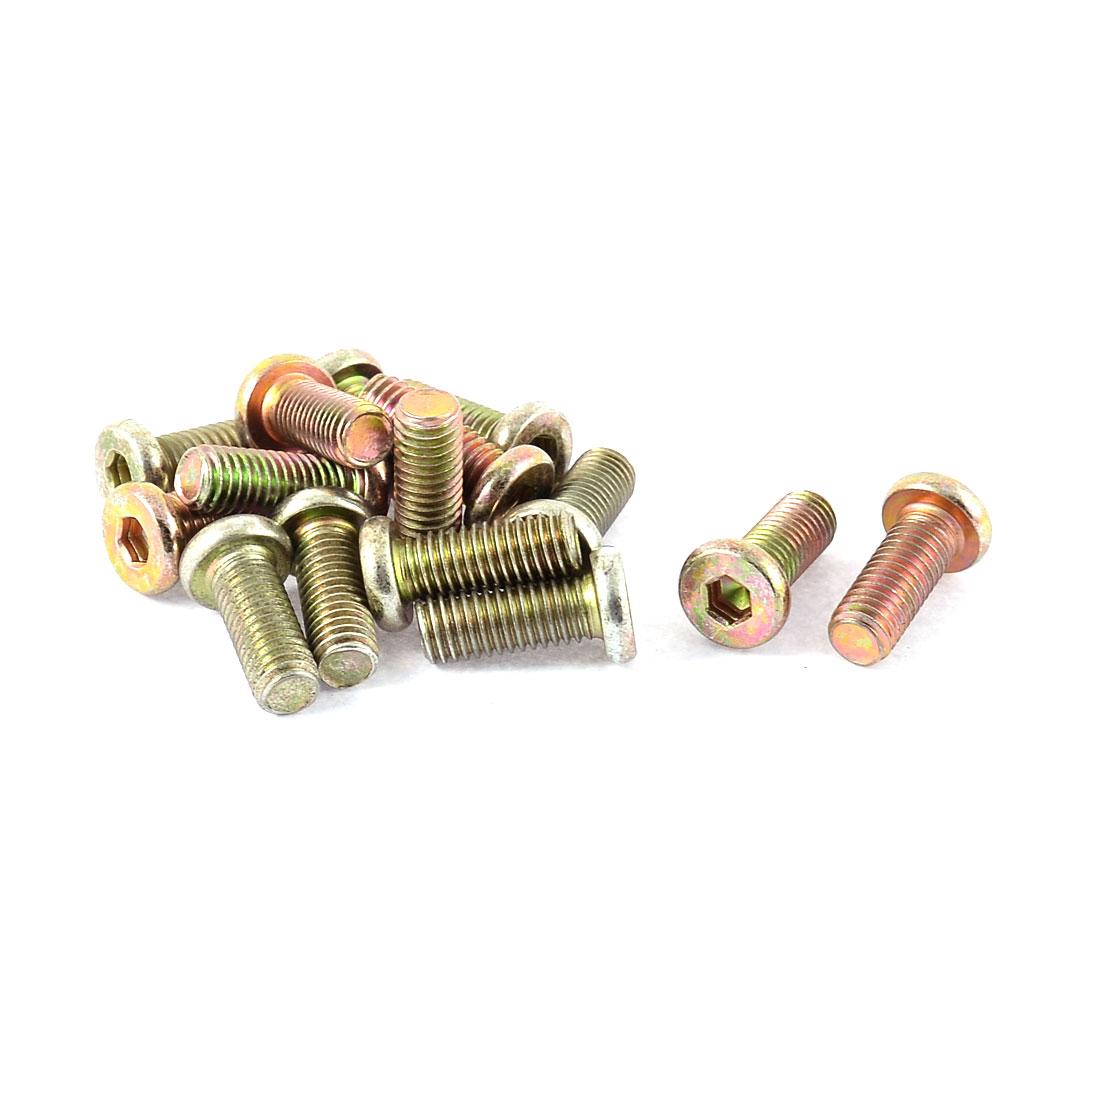 M8 x 20mm Full Thread Hex Socket Head Cap Screw Bolt Bronze Tone 15 Pcs